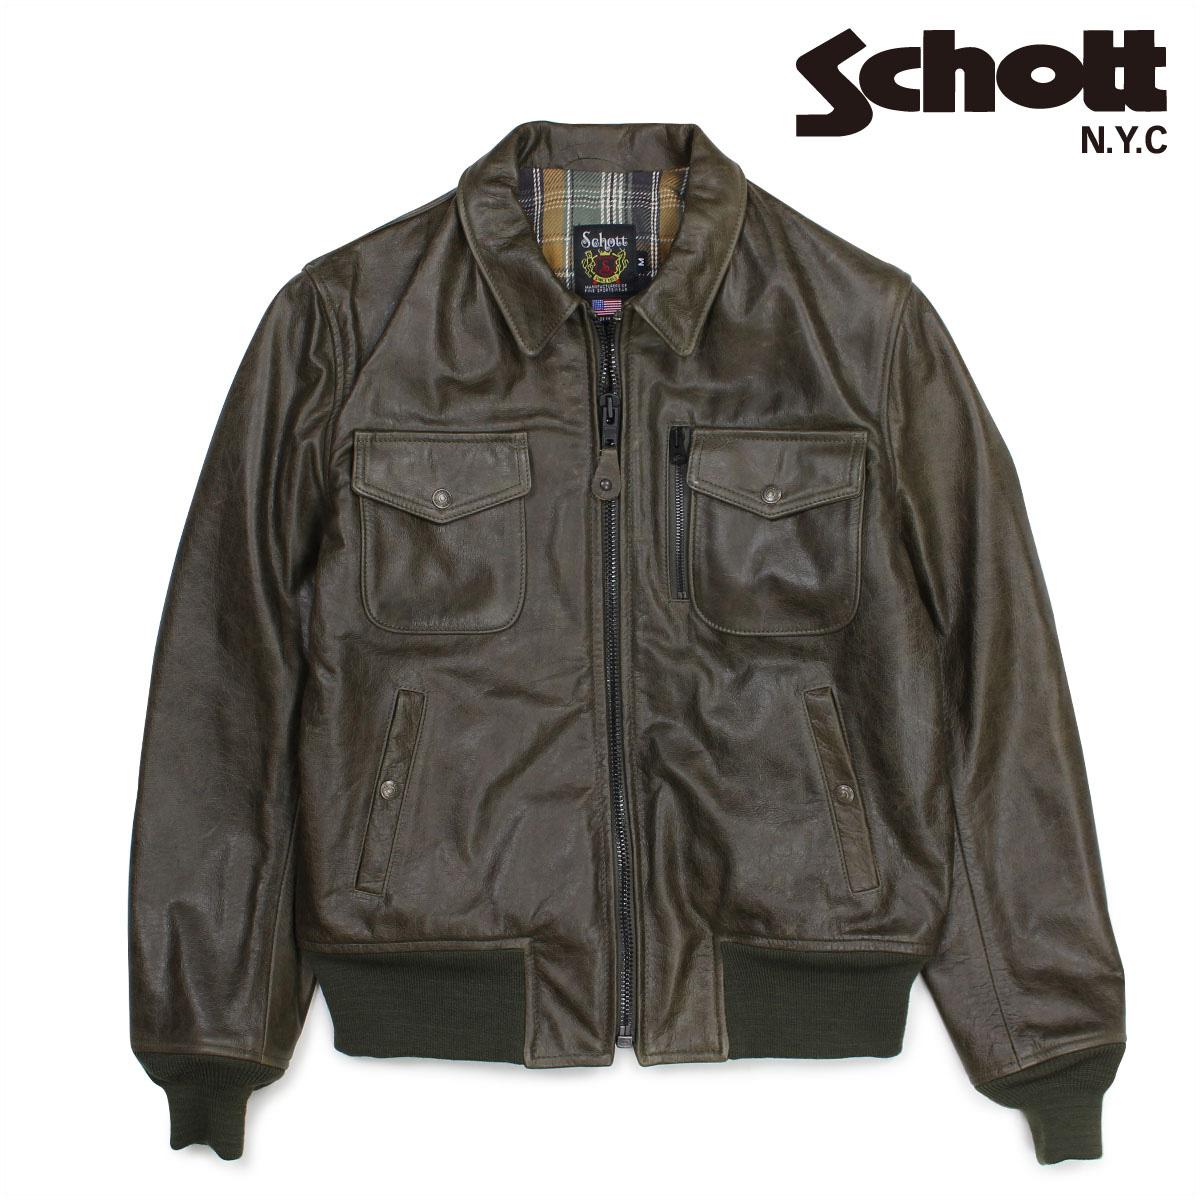 Sch 171212 11 a